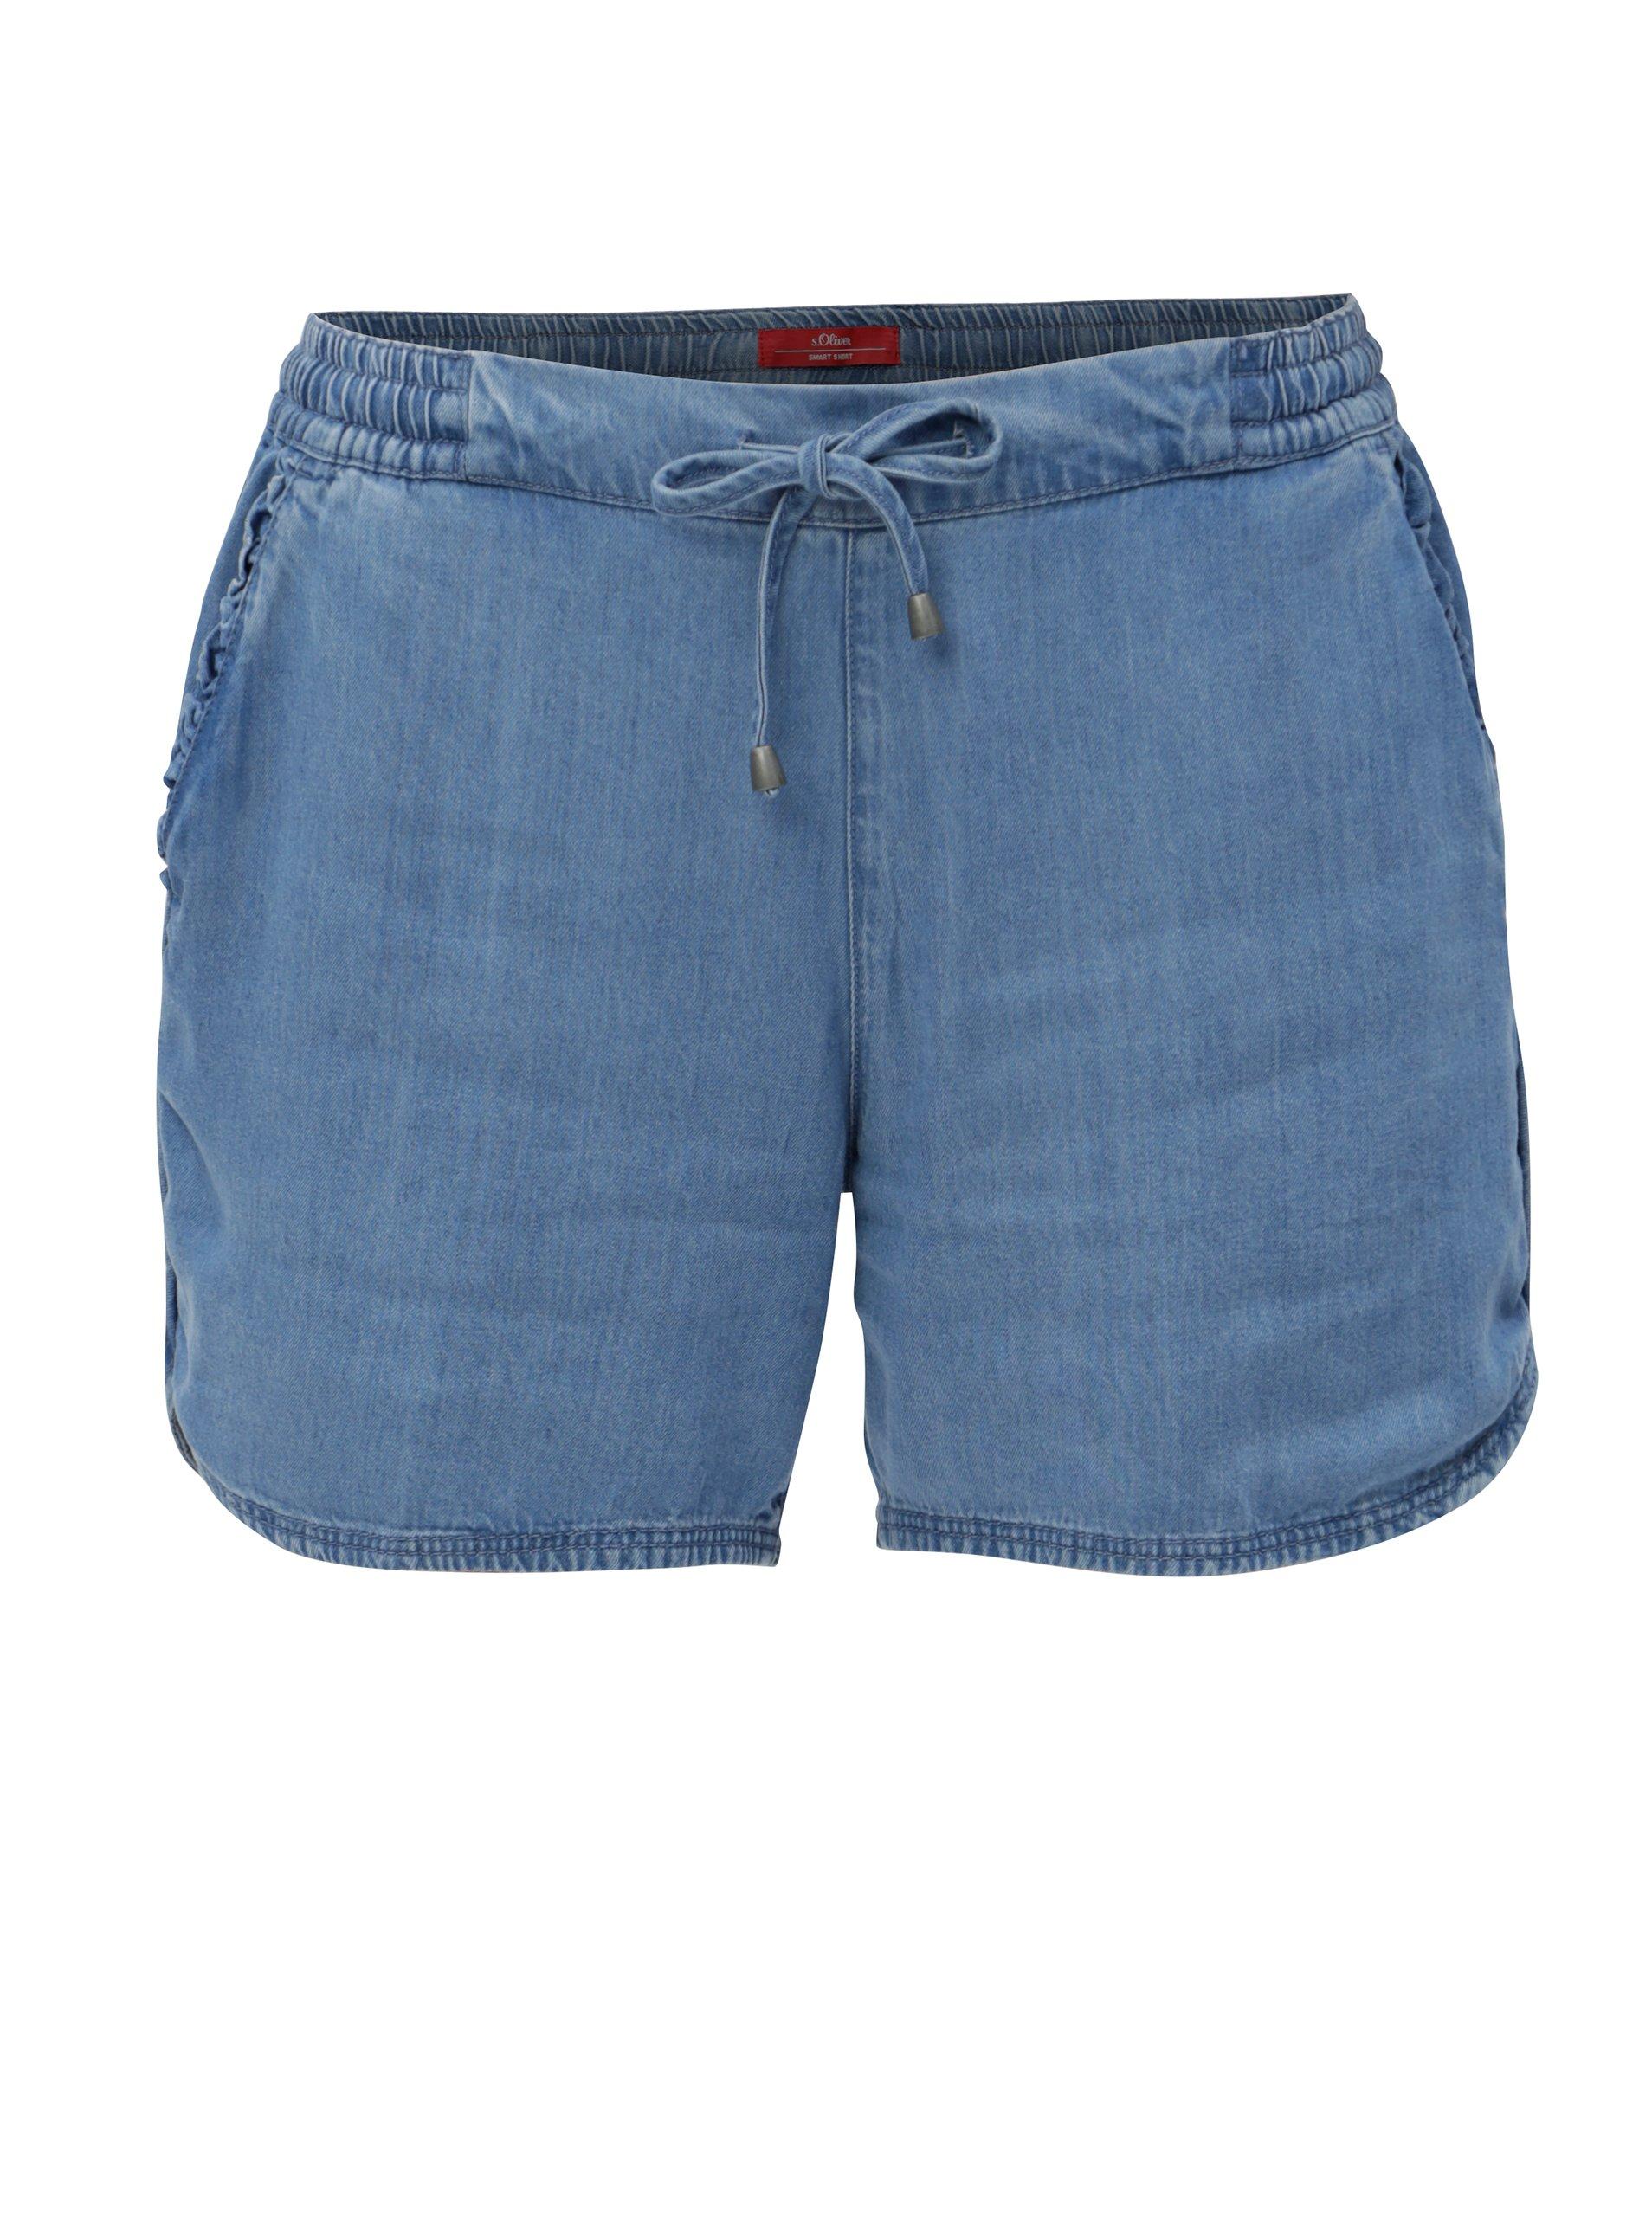 361a1de9331 Modré dámské džínové kraťasy s.Oliver